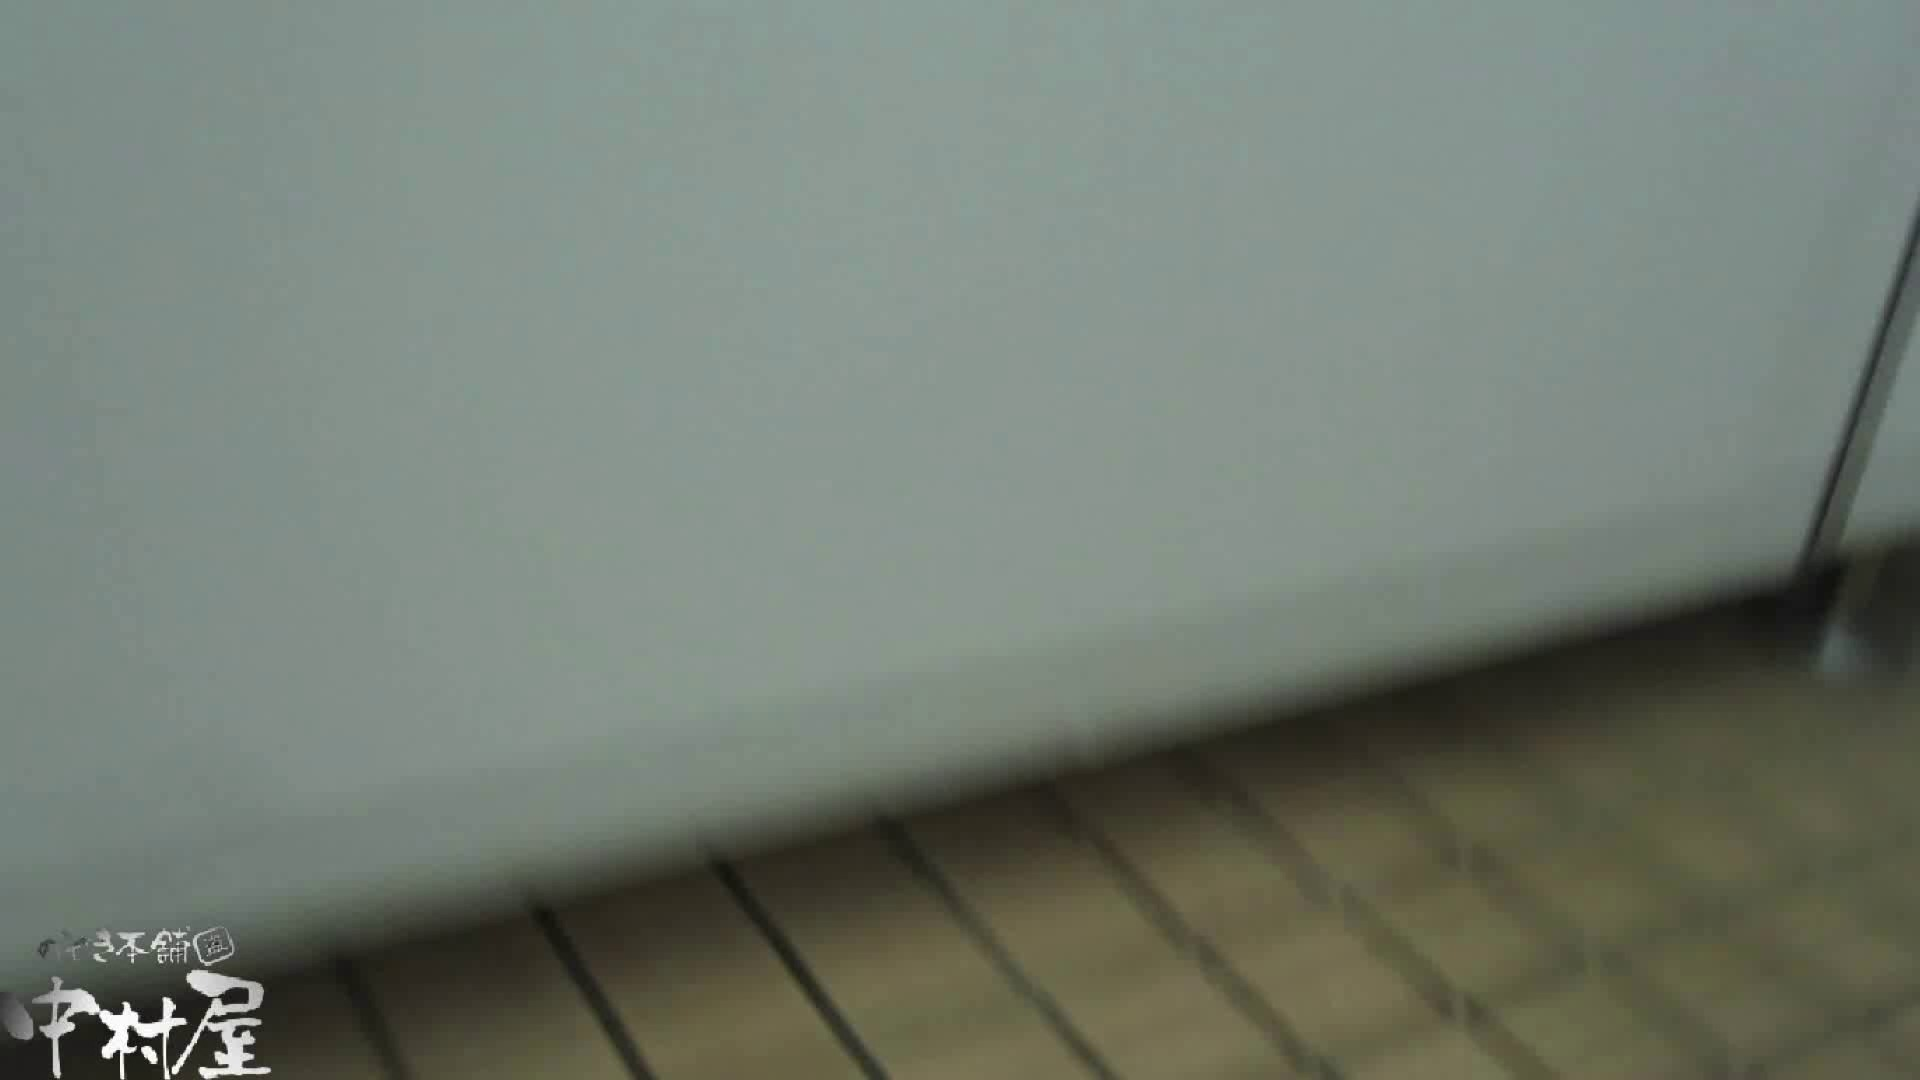 魂のかわや盗撮62連発! 大量のモリモリ発射嬢! 12発目! 盗撮 | 黄金水  67pic 27